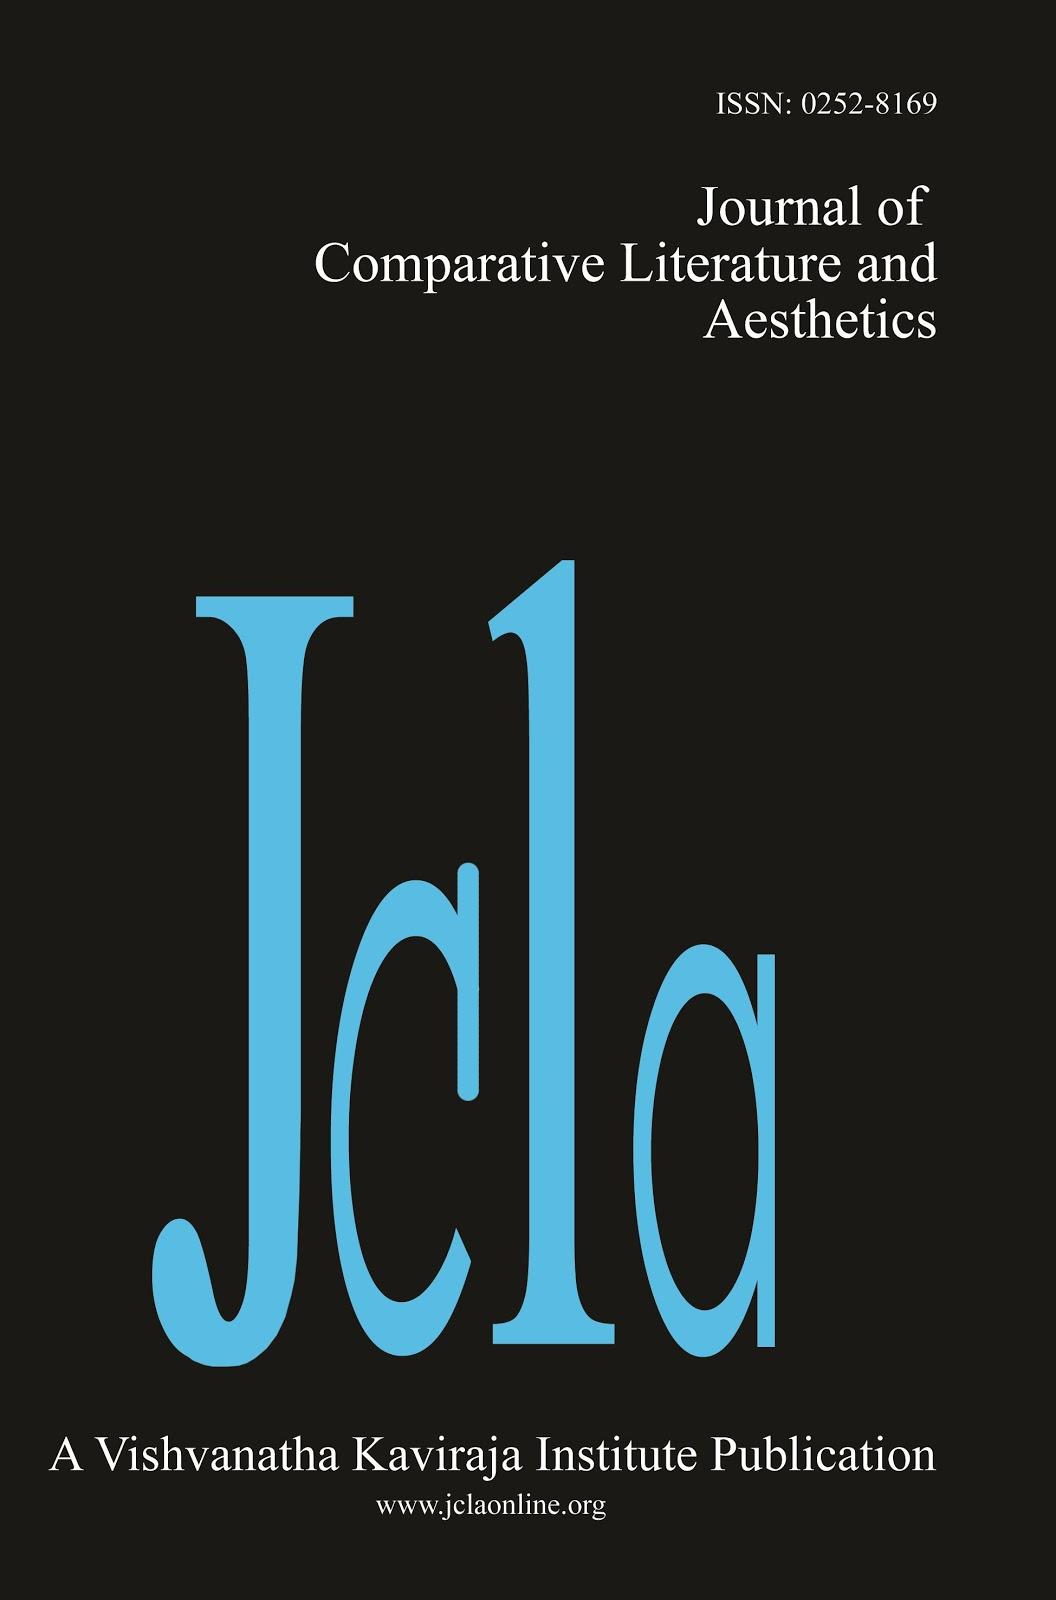 JCLA journal